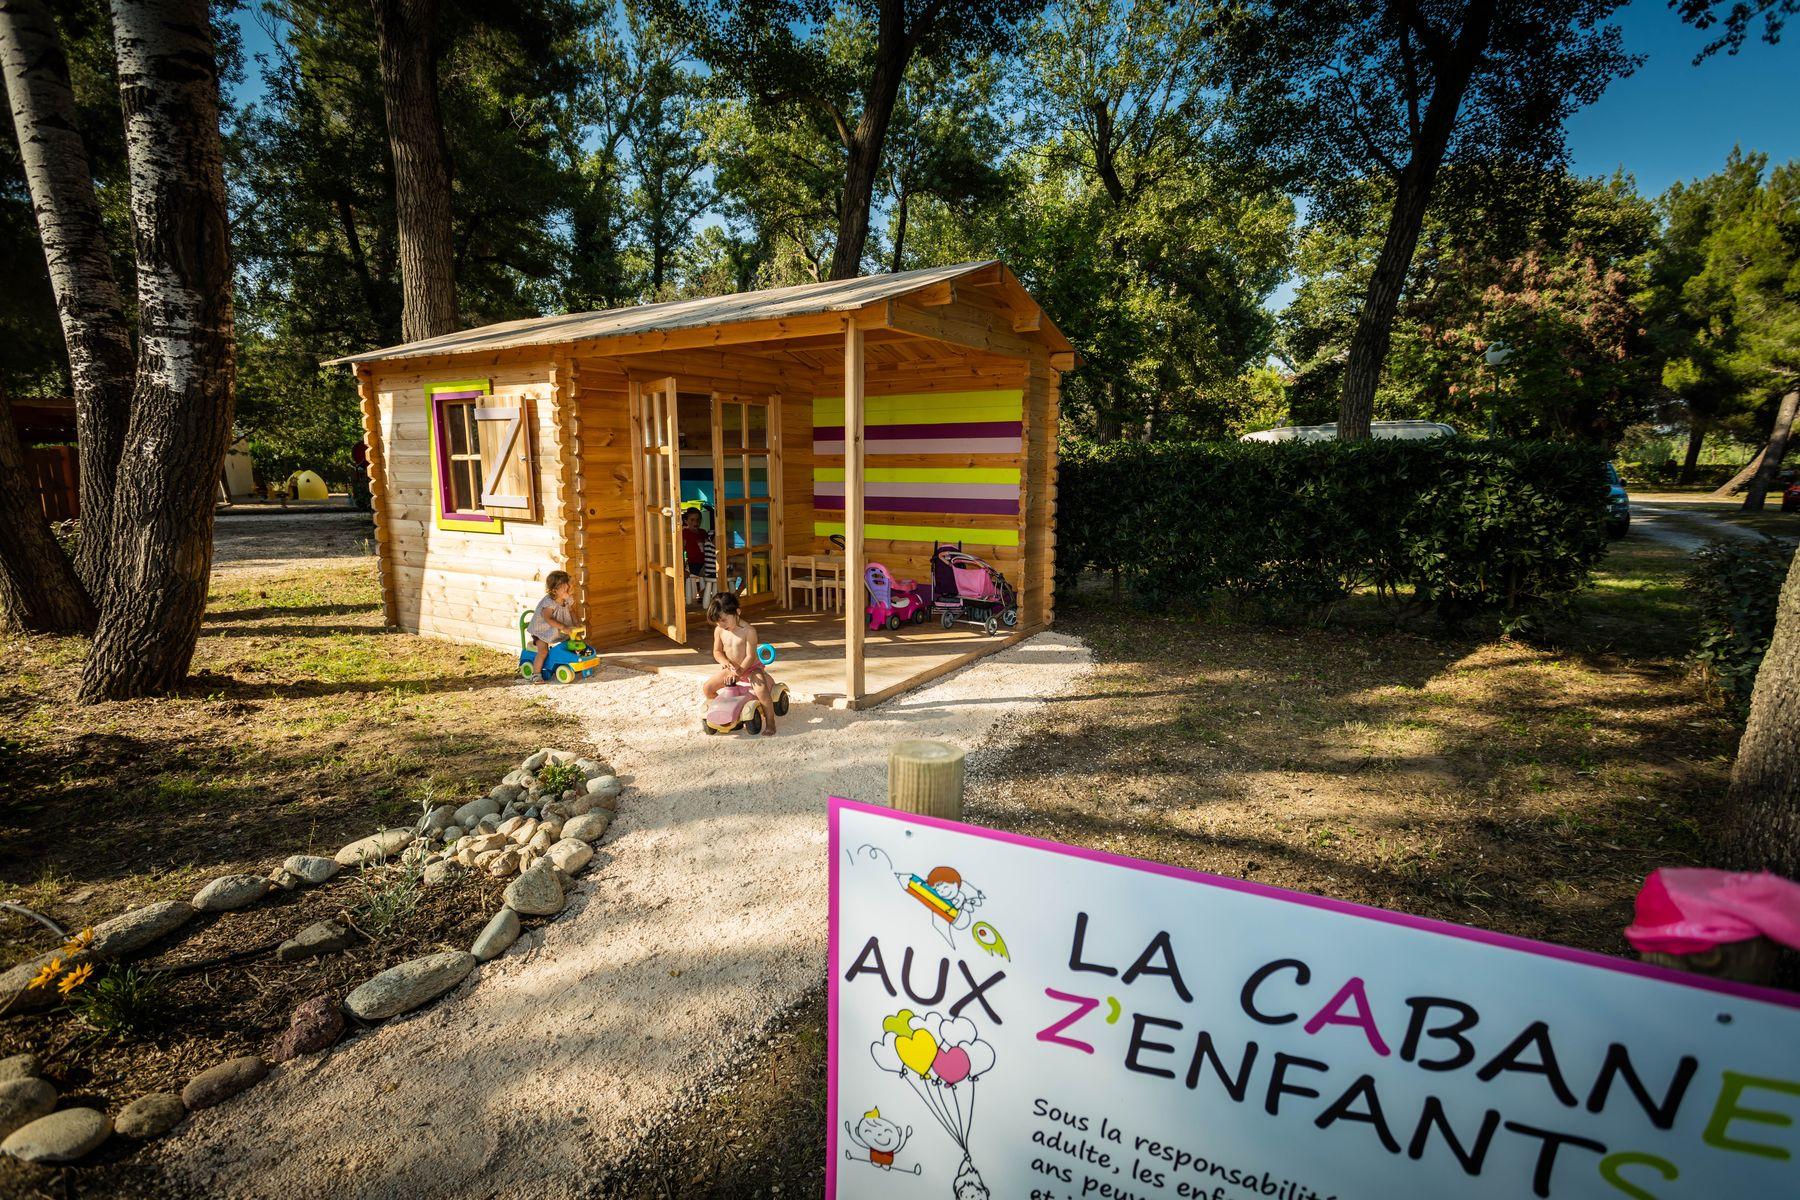 © 2017 - Hervé Leclair_Asphéries - Sud de France Développement